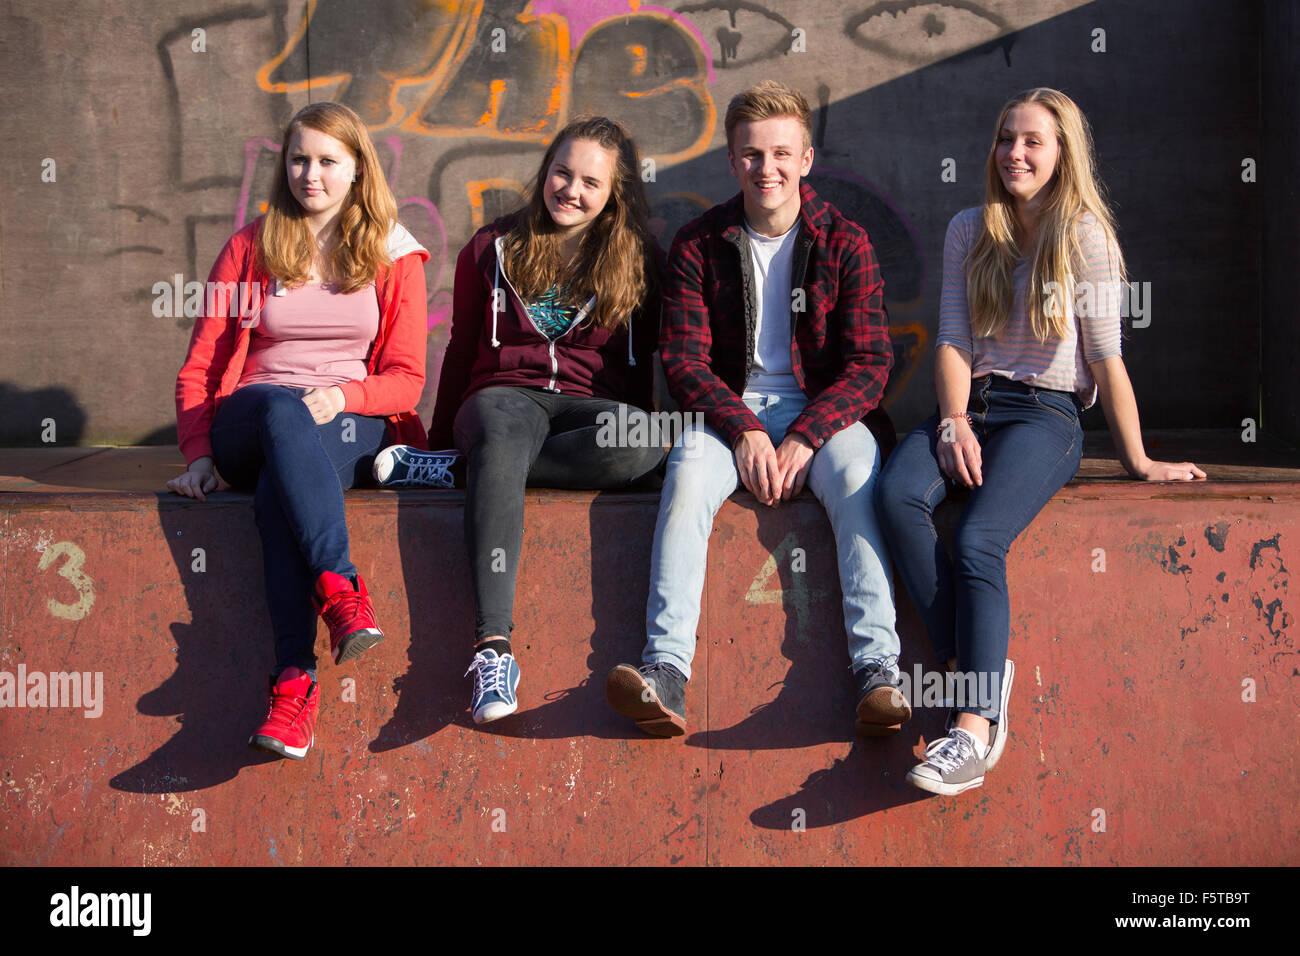 Retrato de adolescentes amigos sentado en Skate Park Imagen De Stock